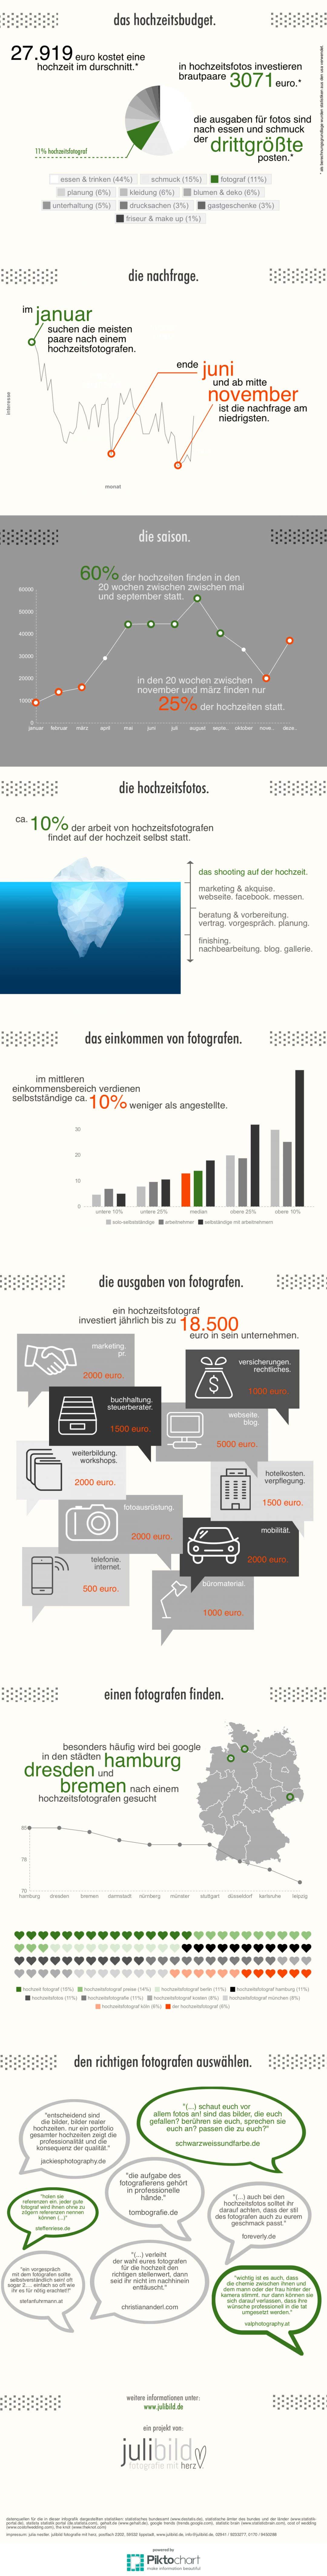 hochzeitsreportagen-infografik2